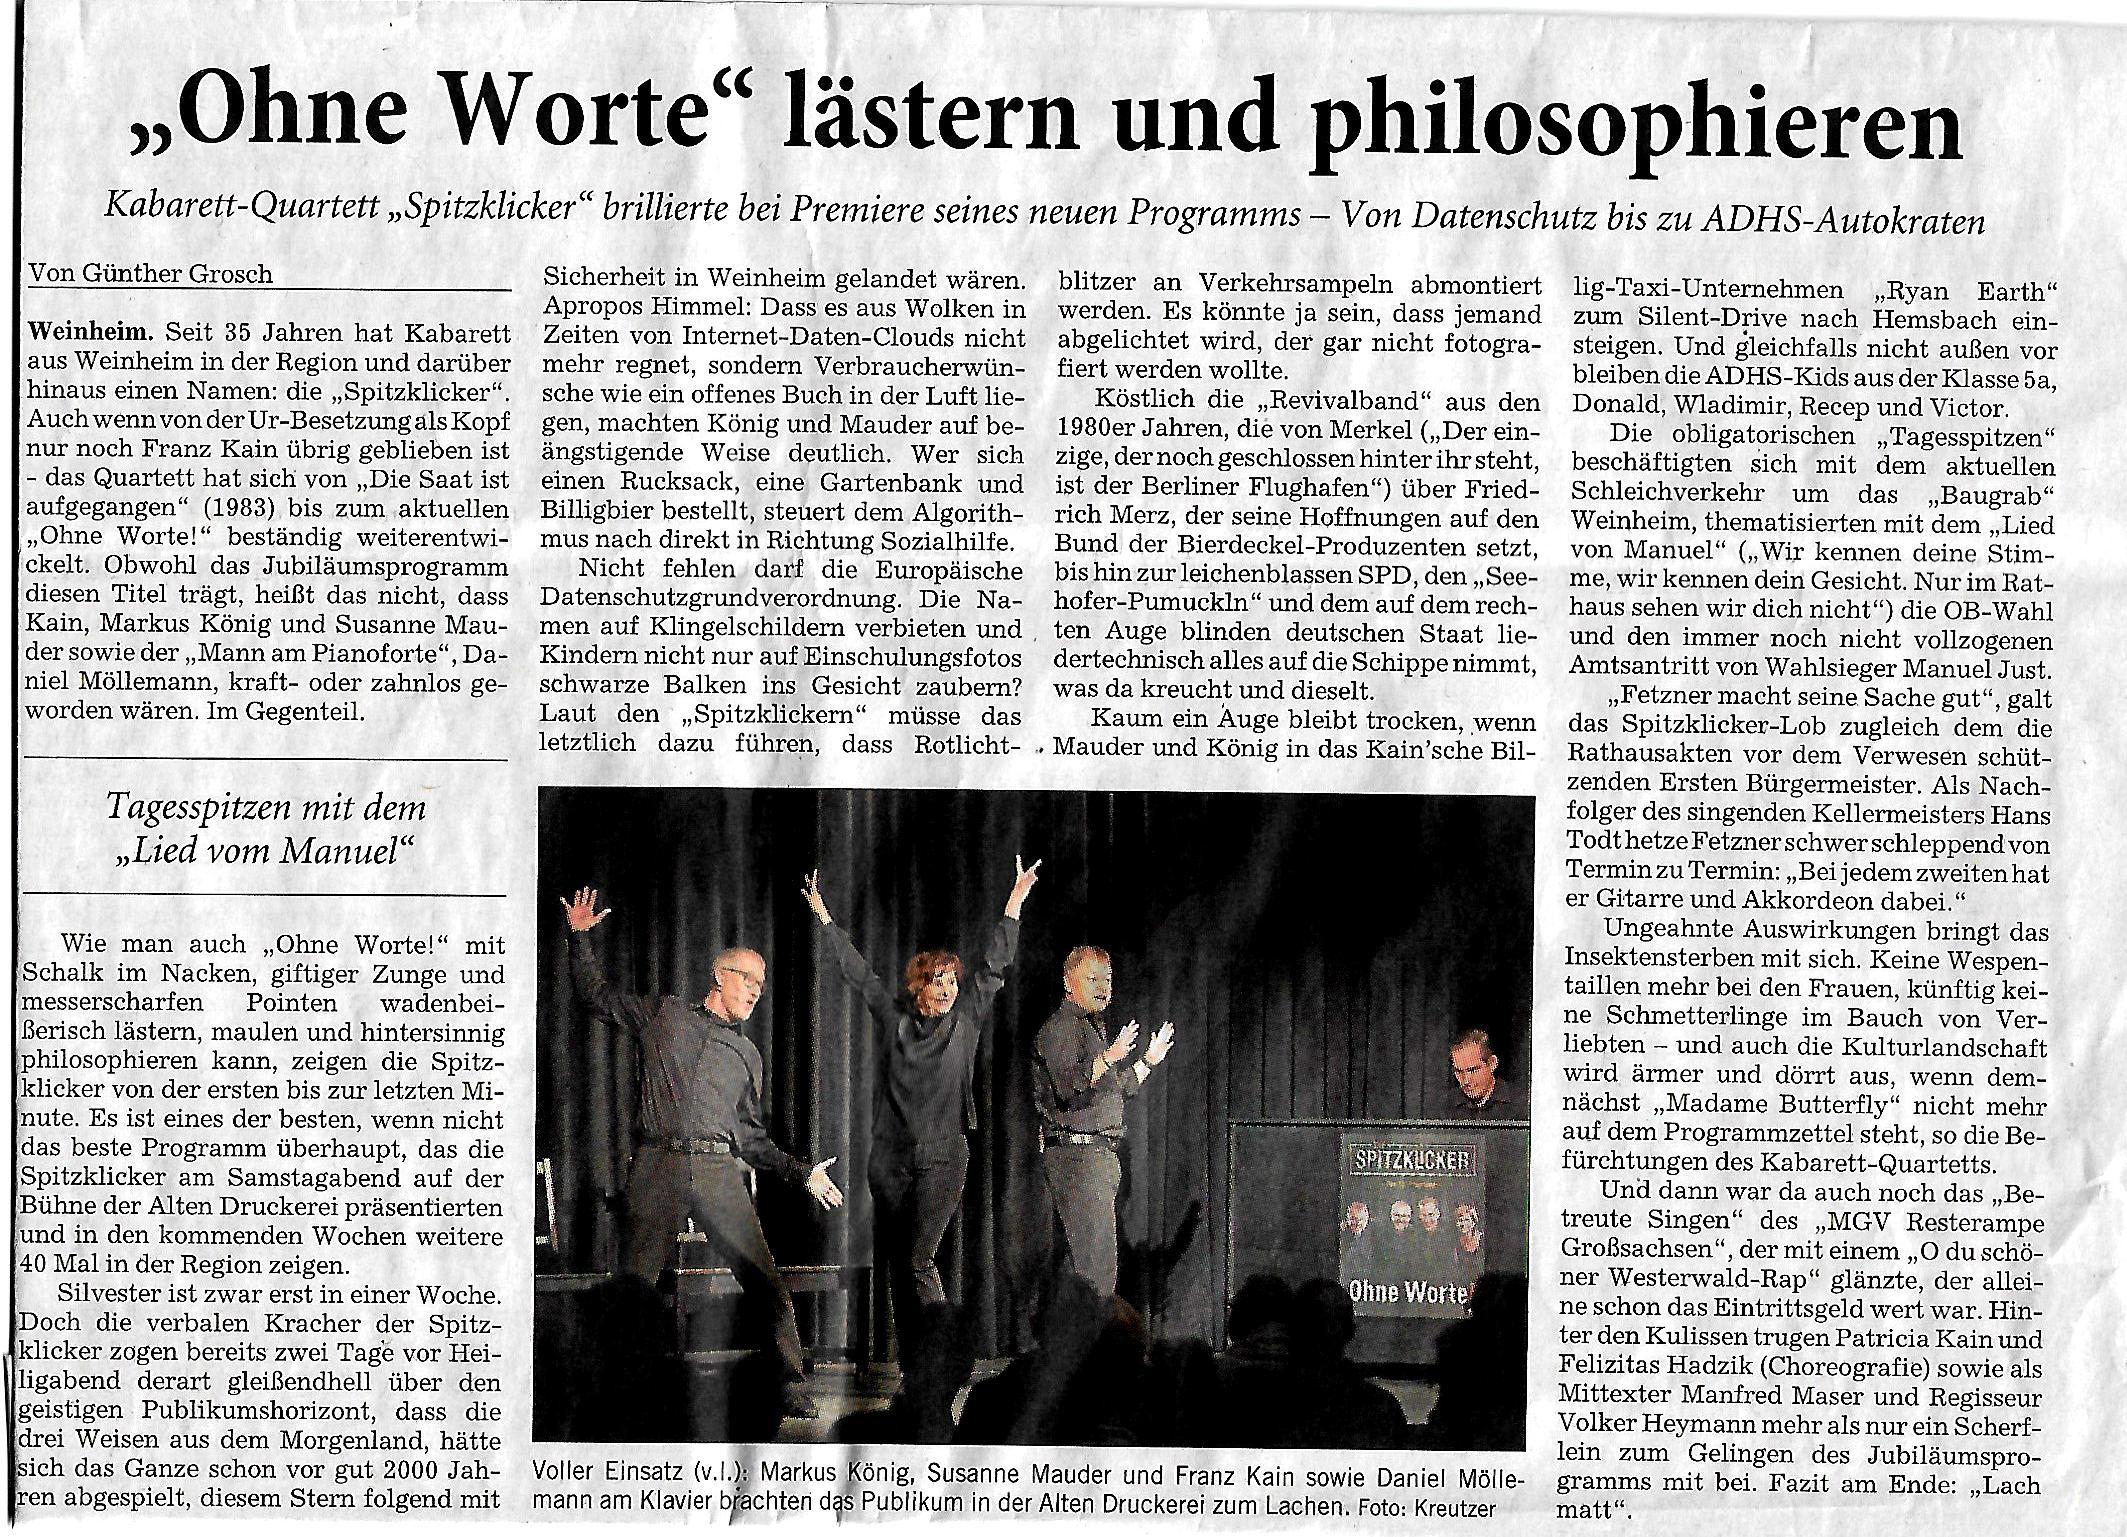 Rhein-Neckar-Zeitung 24.12.18